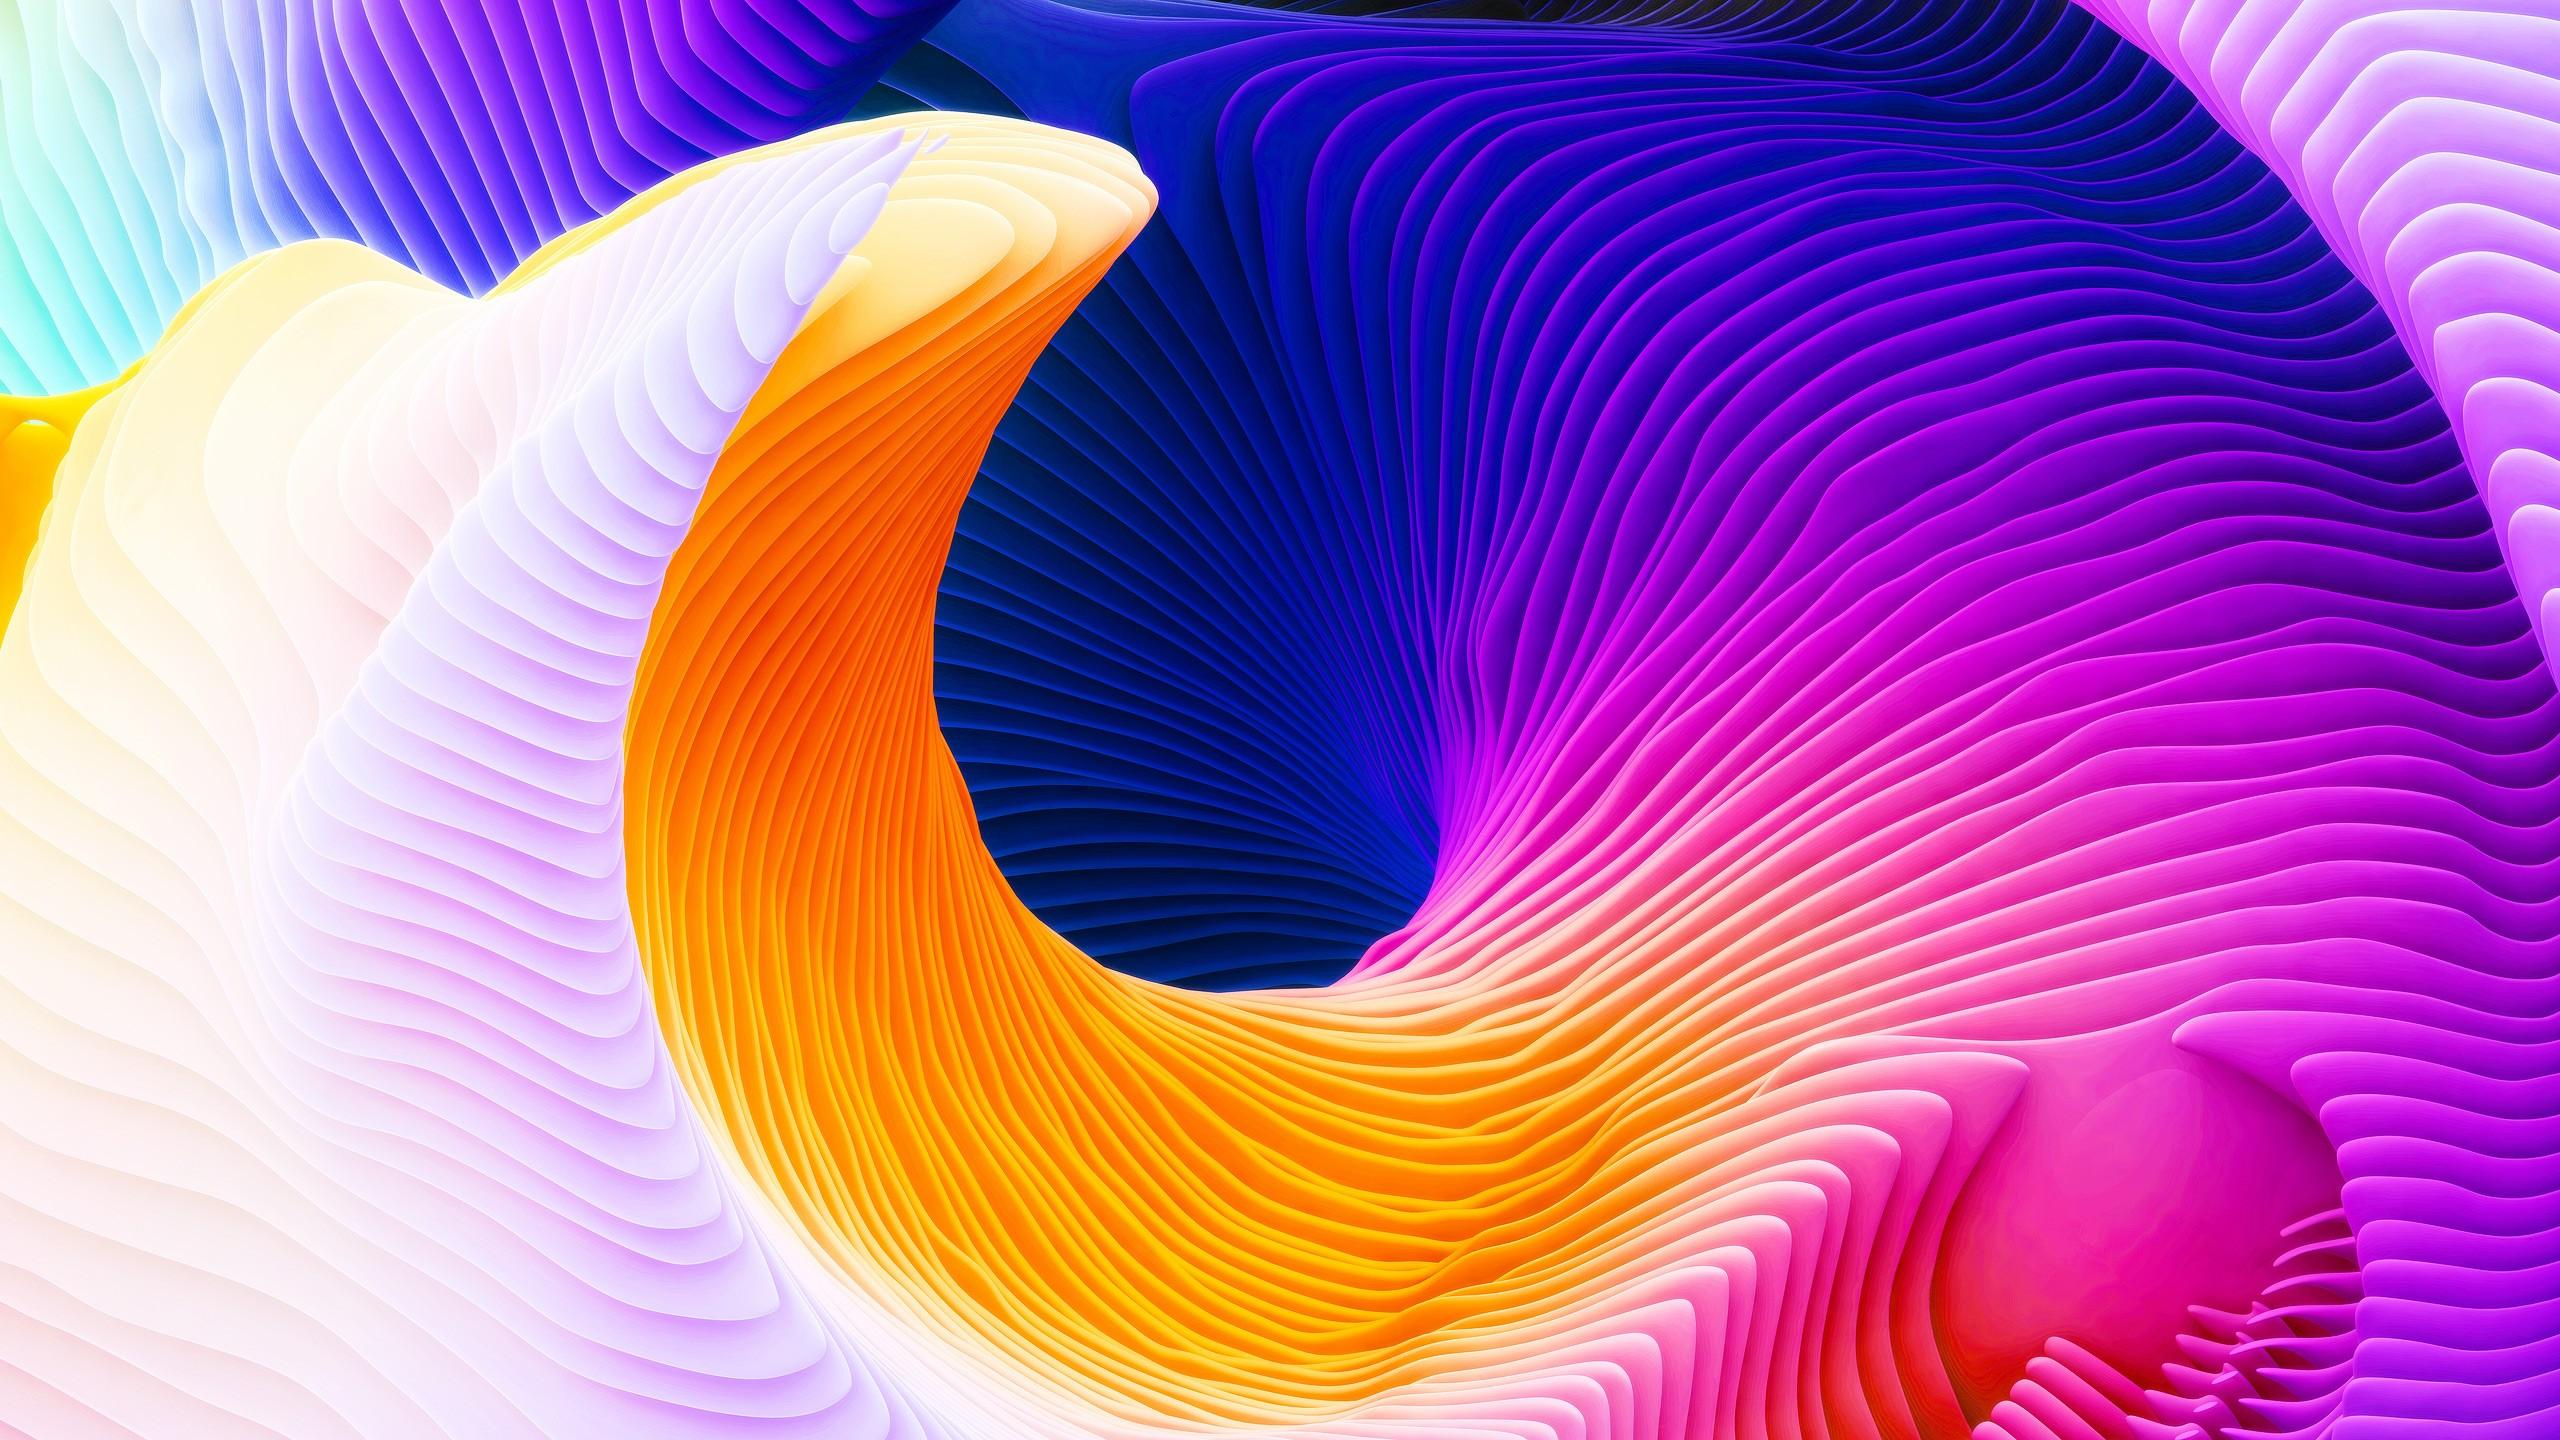 The Benefits of Macbook wallpaper